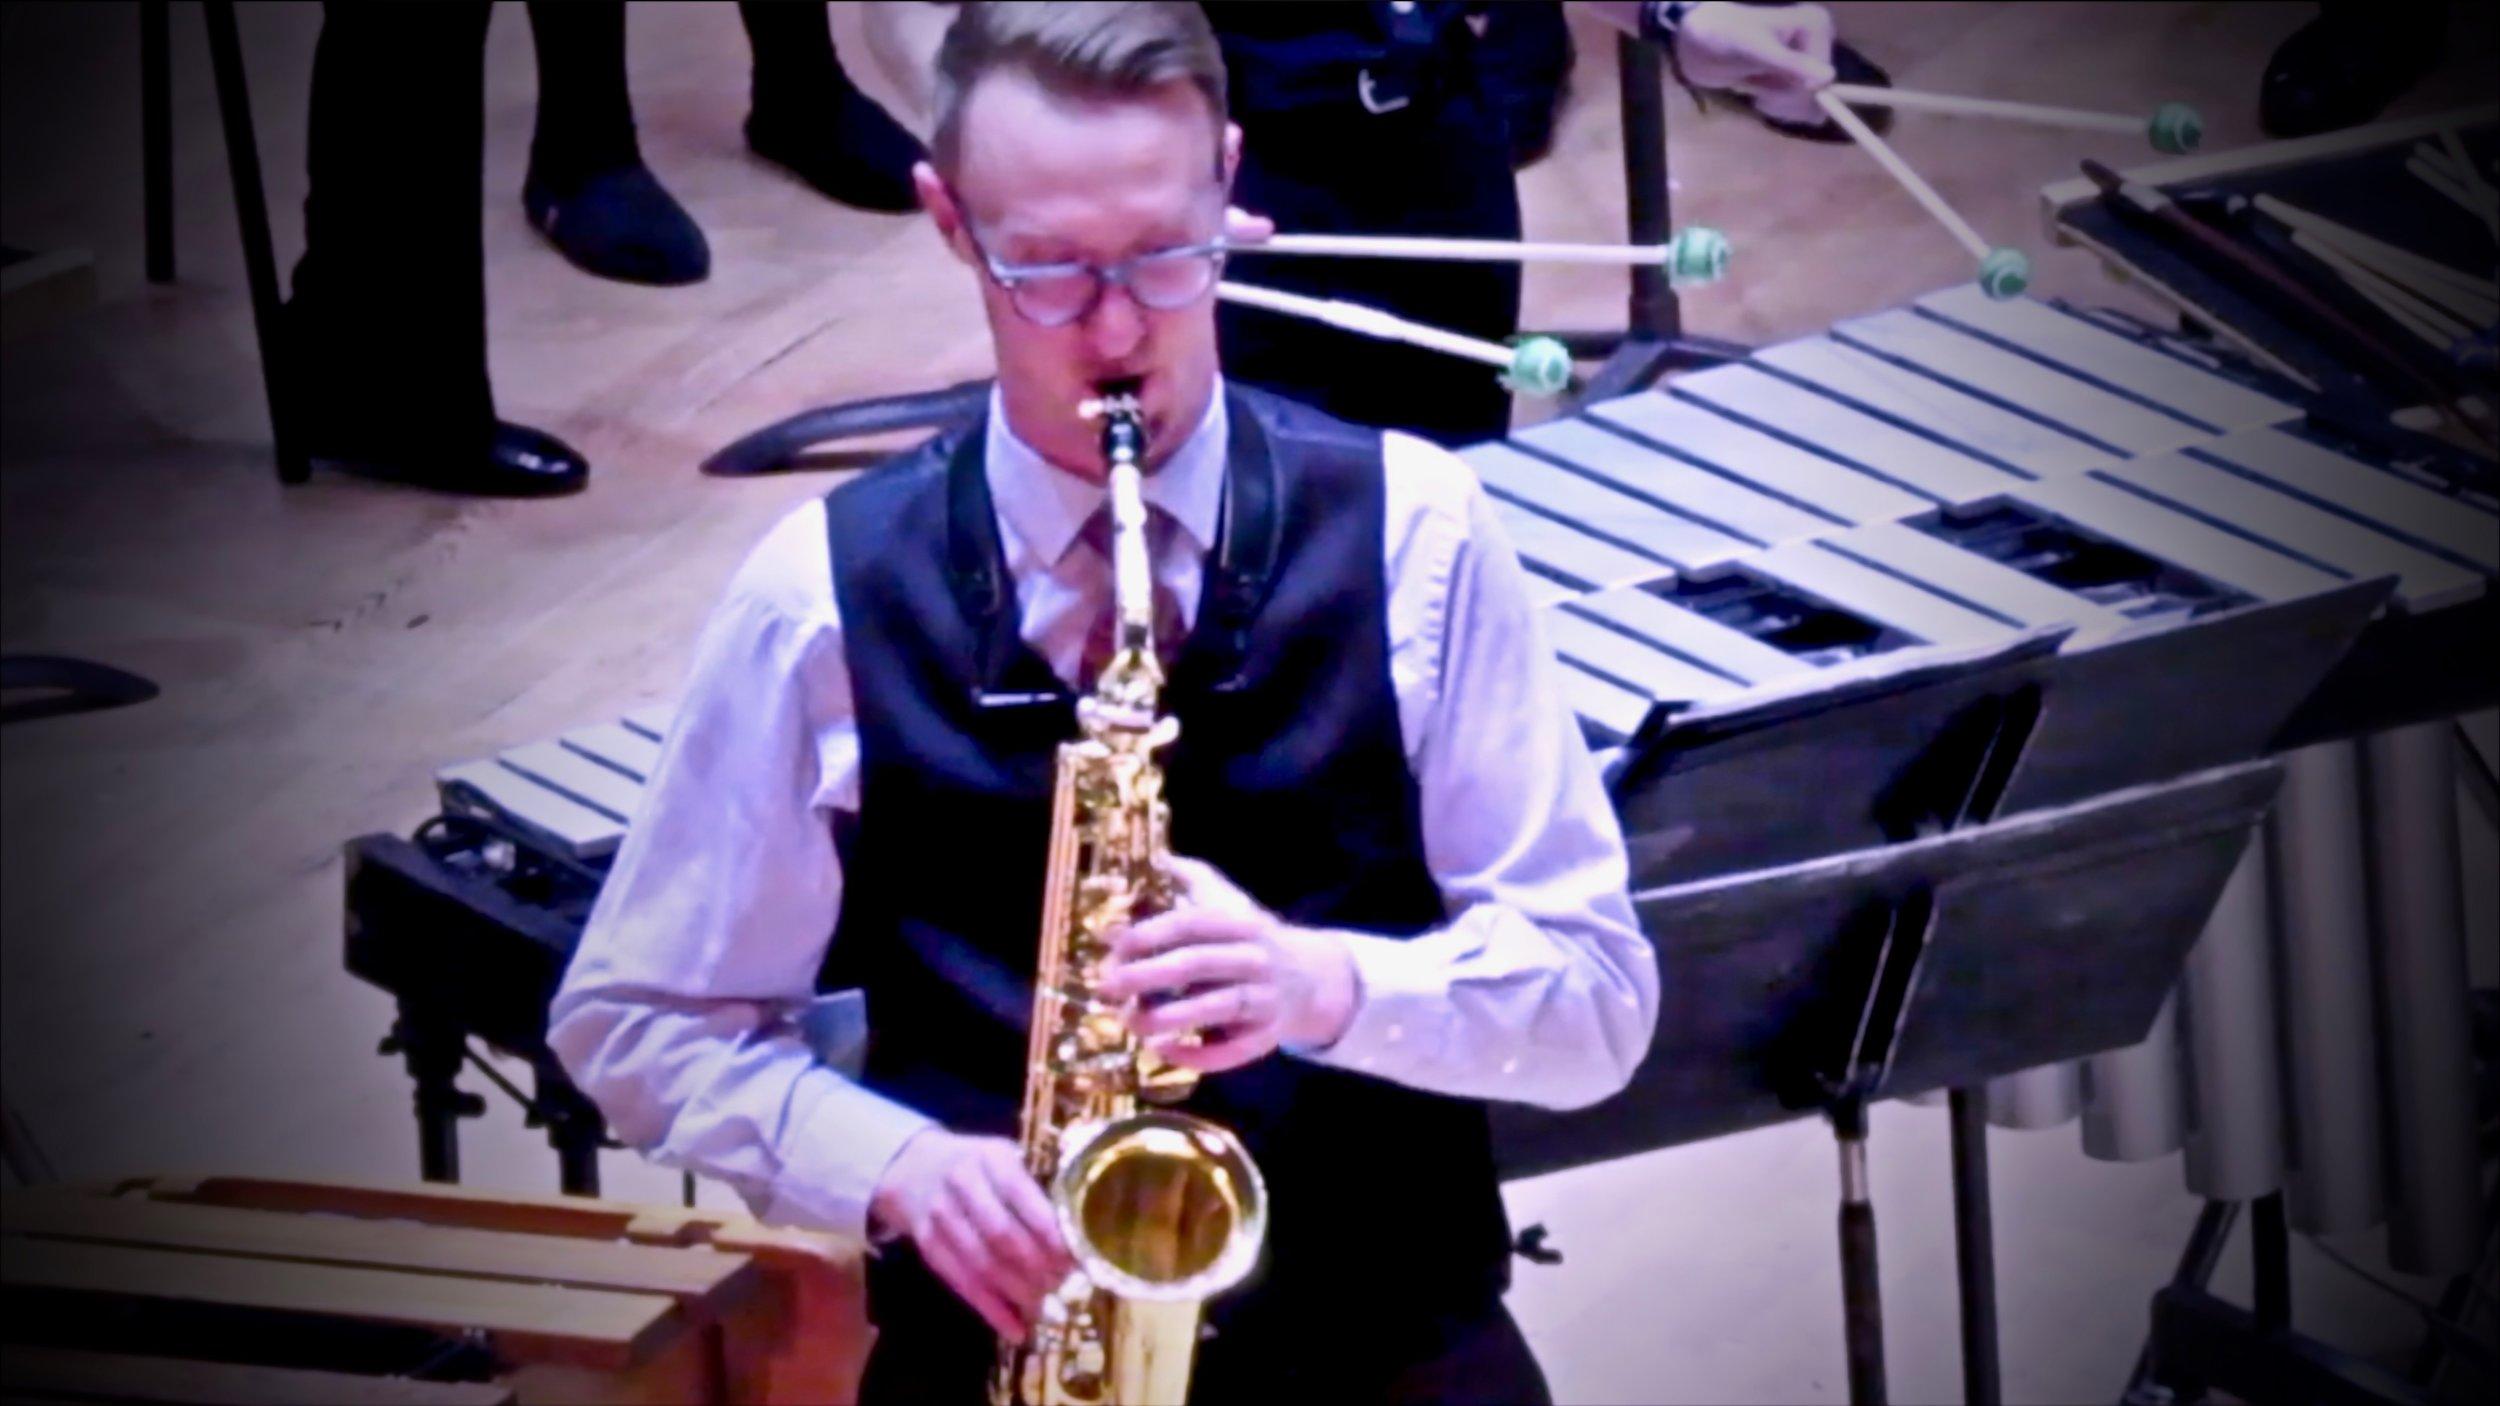 Drew Whiting: alto saxophone soloist